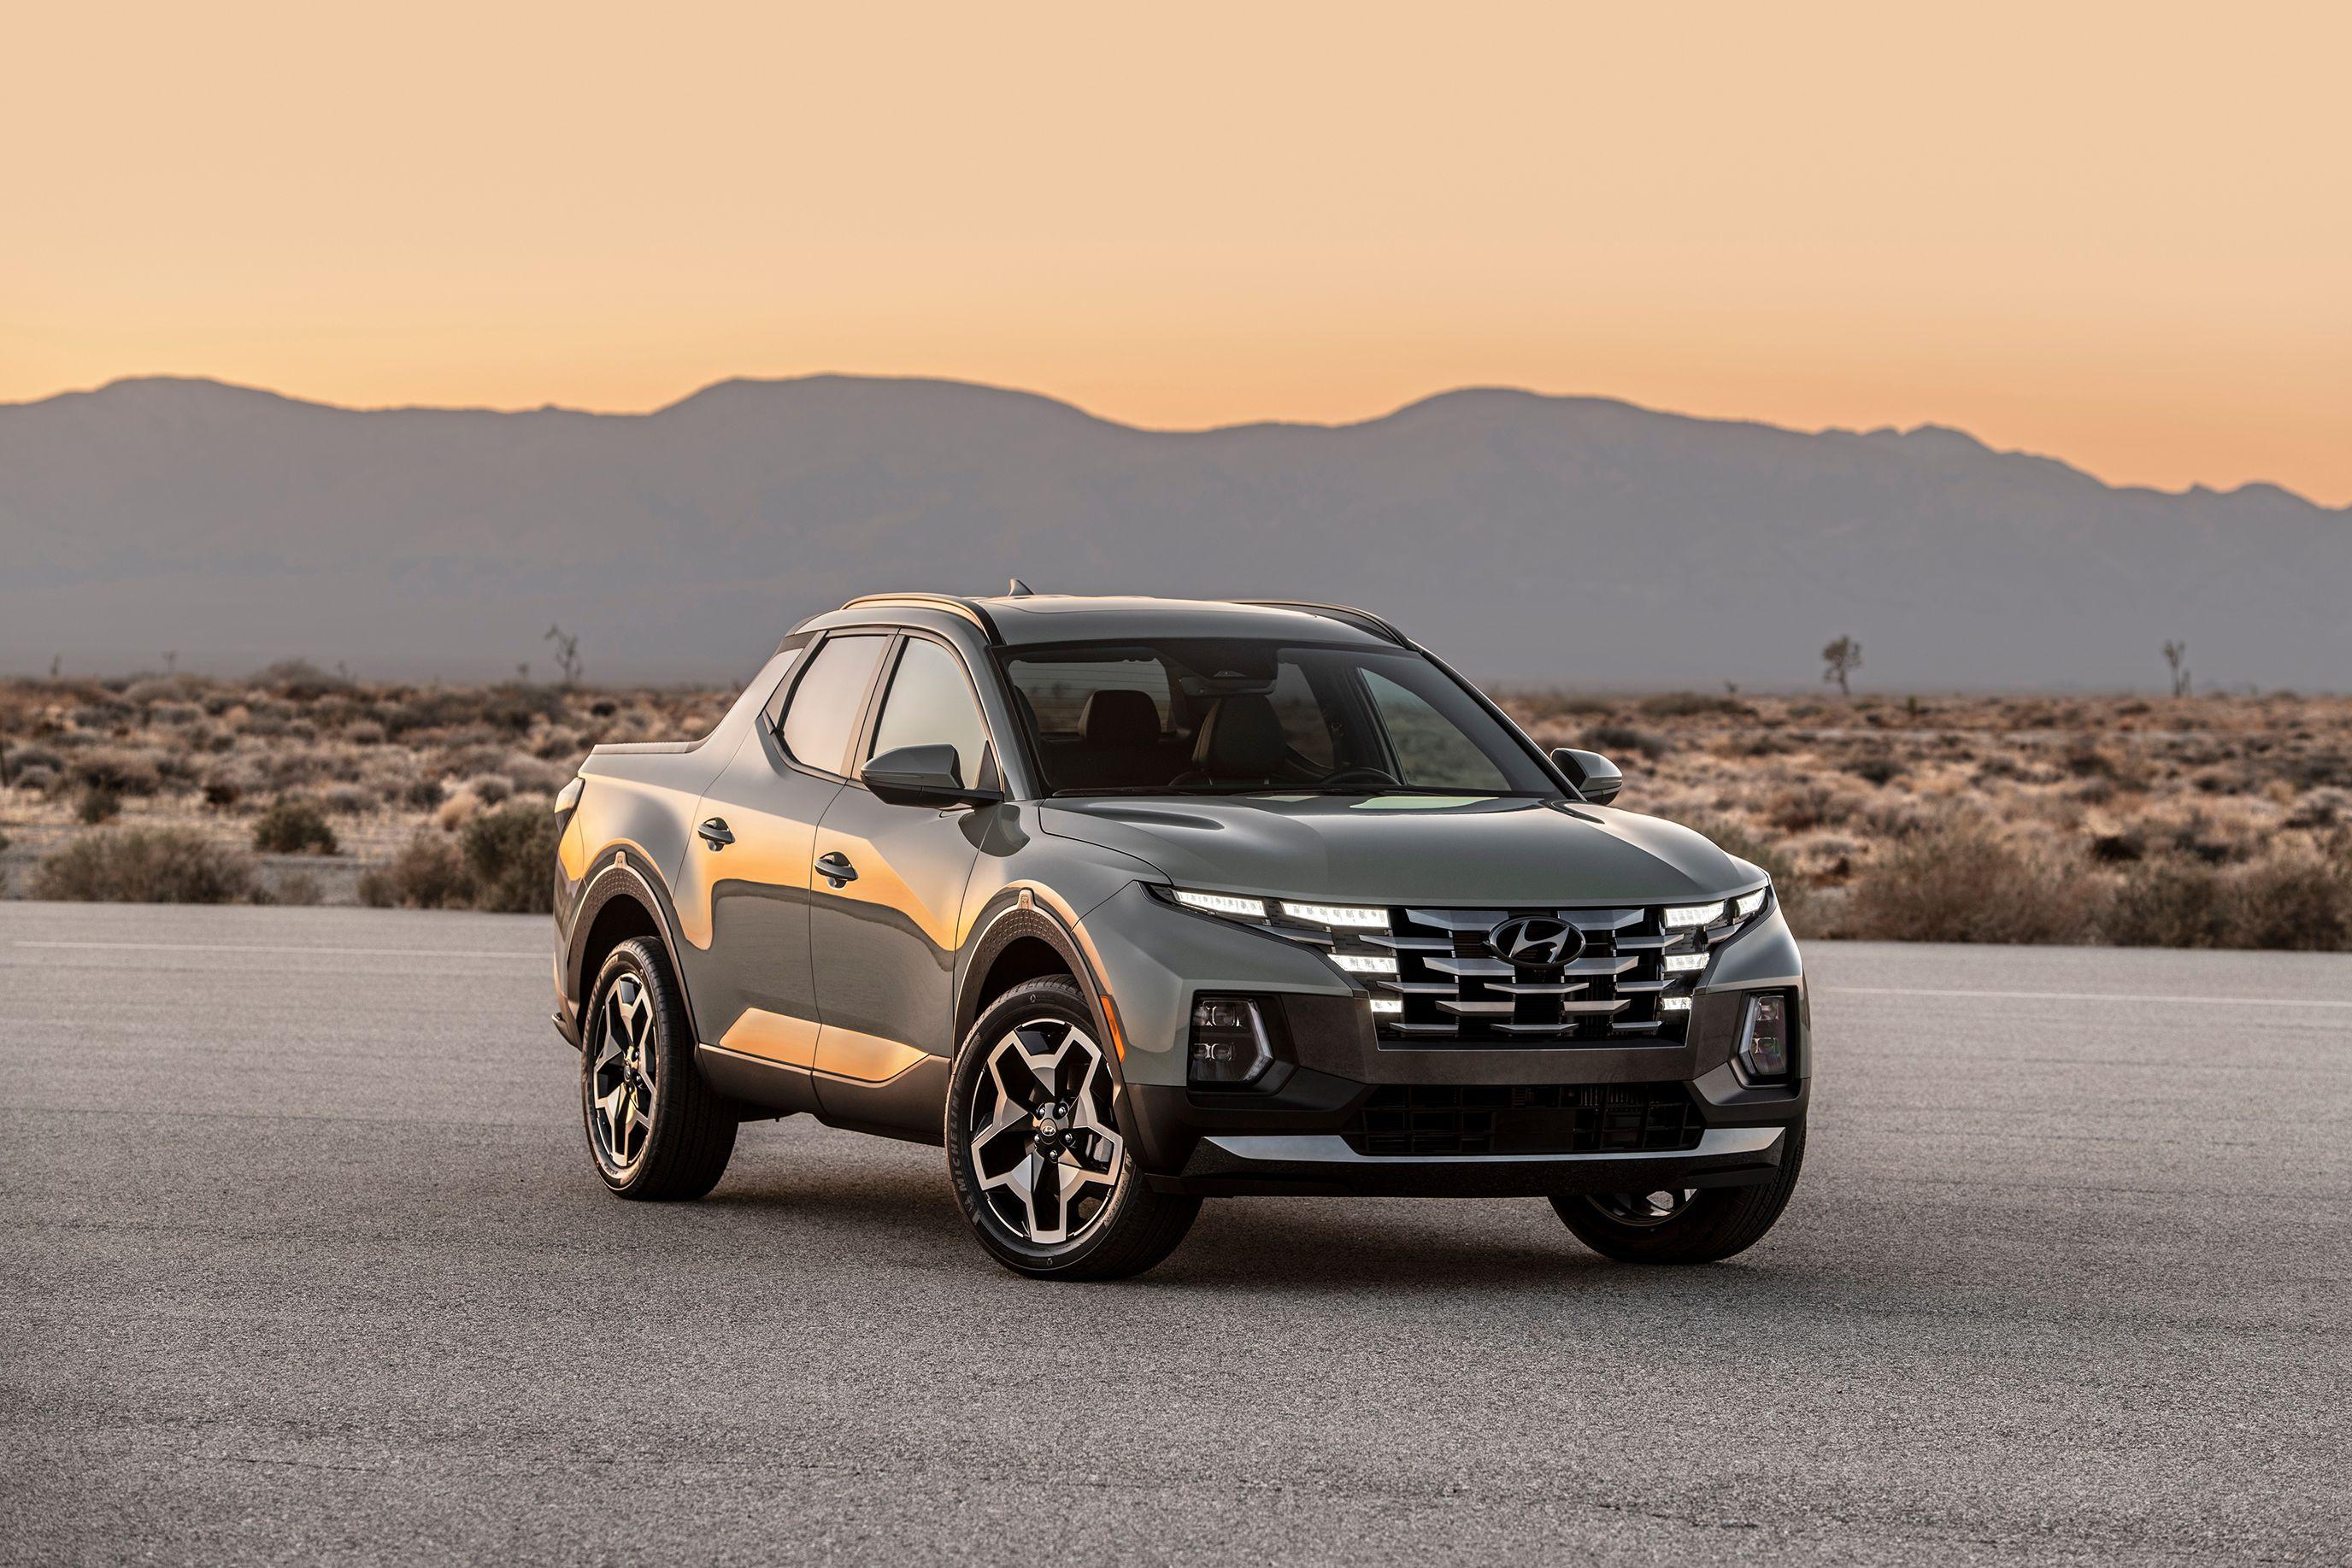 The 2022 Hyundai Santa Cruz Is a Tiny Pickup With Midsize Capability